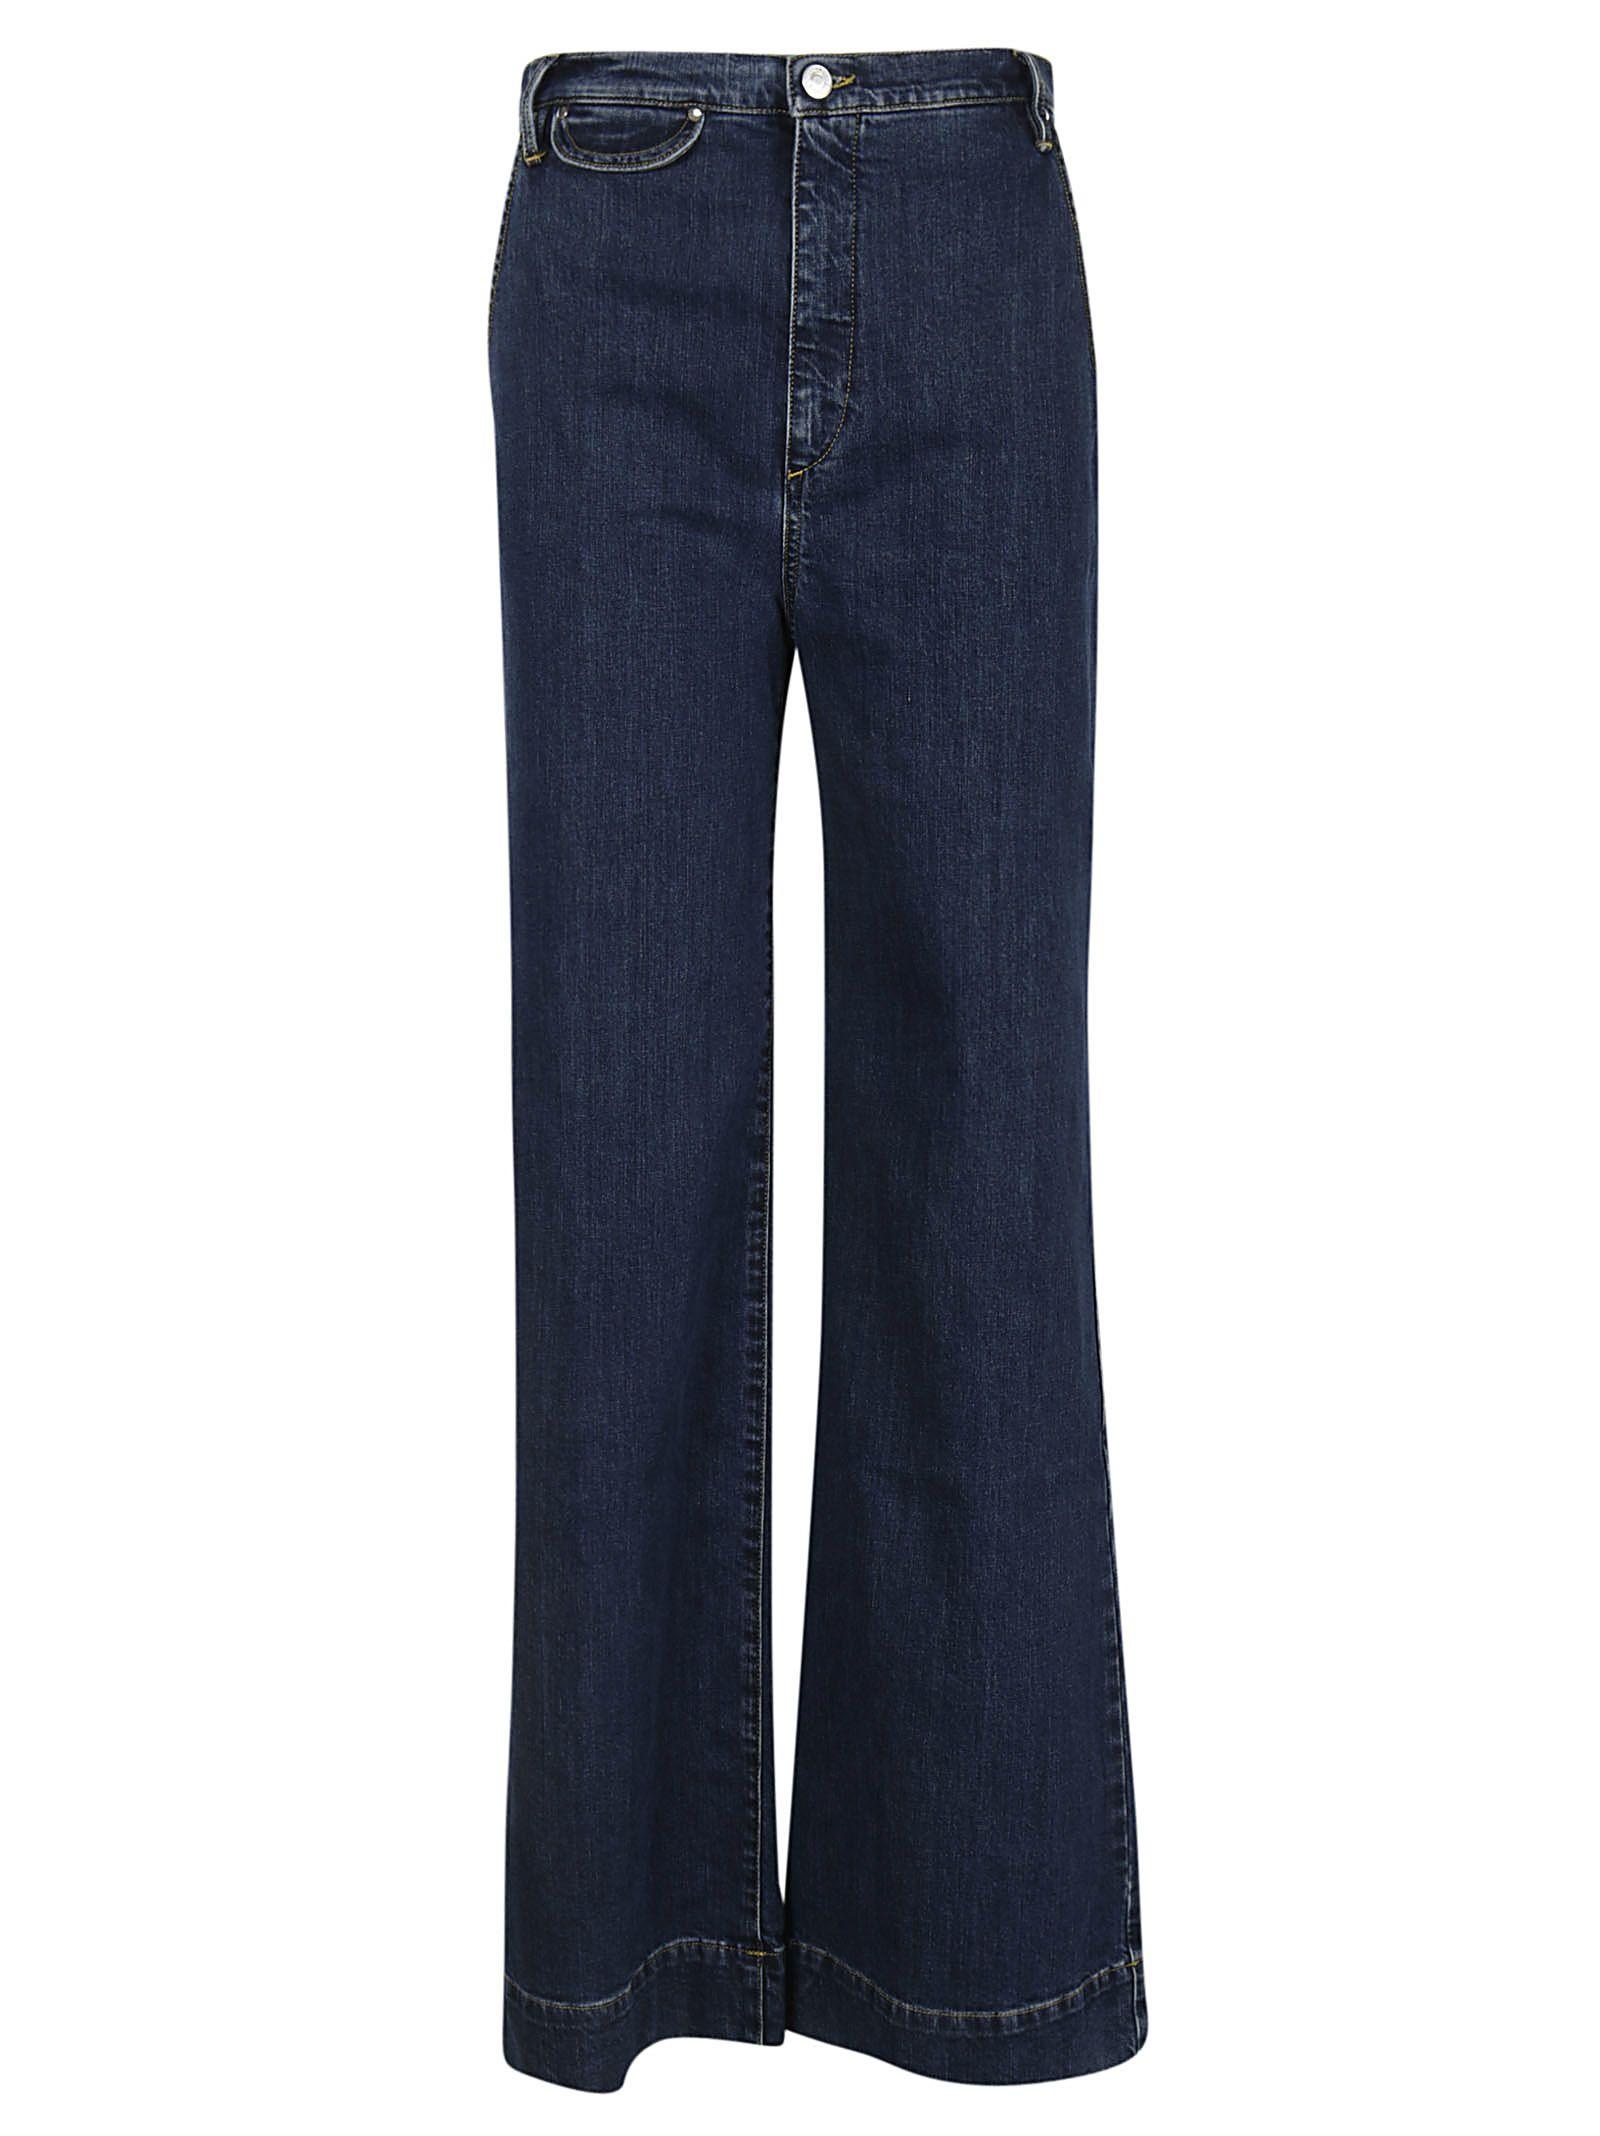 katharine hamnett - Katharine Hamnet London Anita Wide-leg Jeans